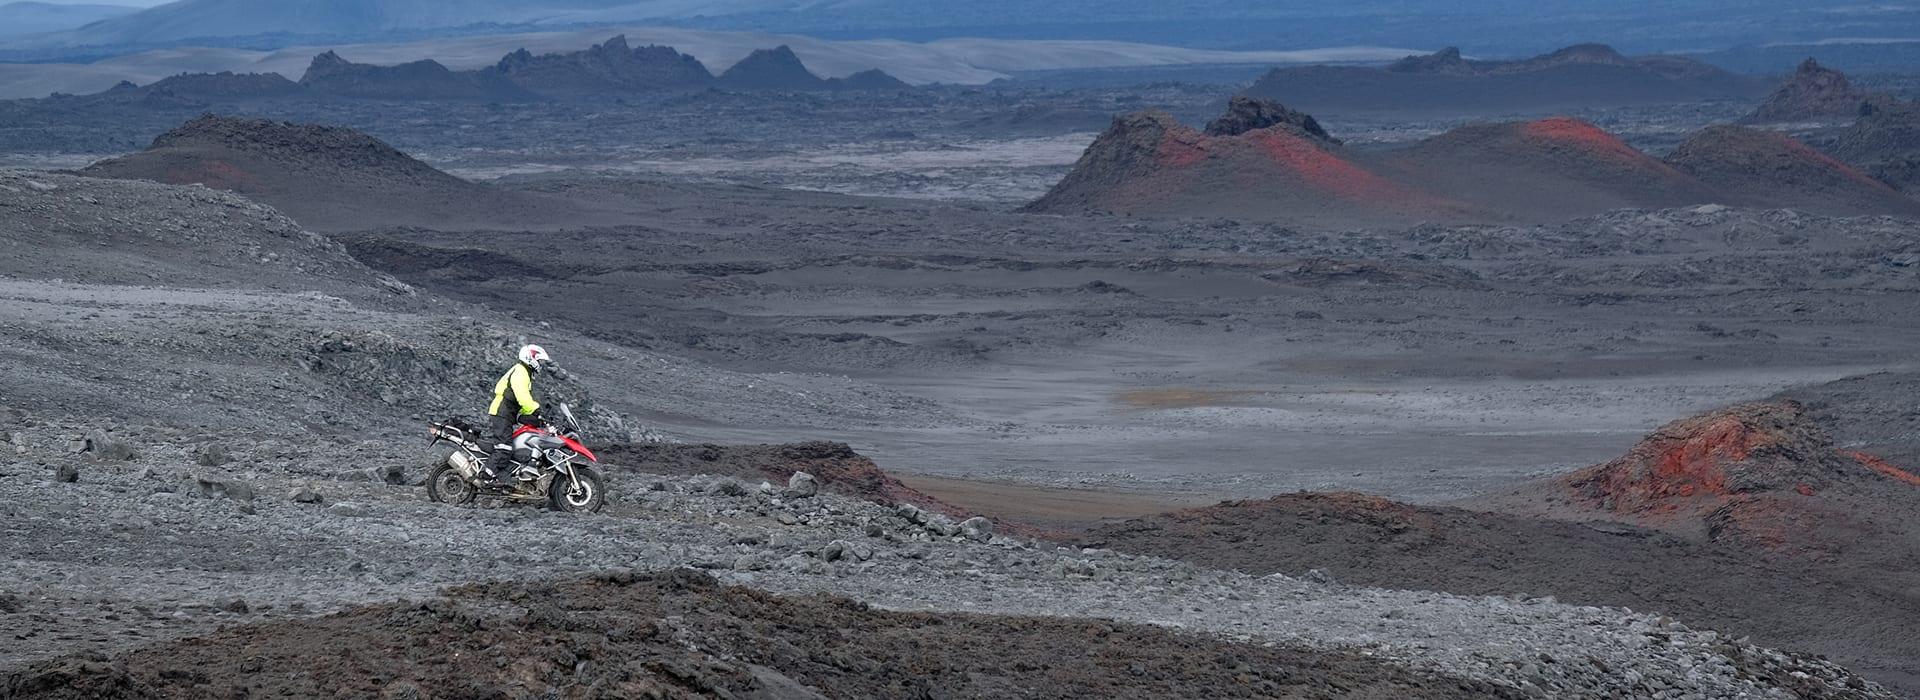 Trans Iceland Motor Challenge, avontuurlijke motorreis van Travel 2 Explore